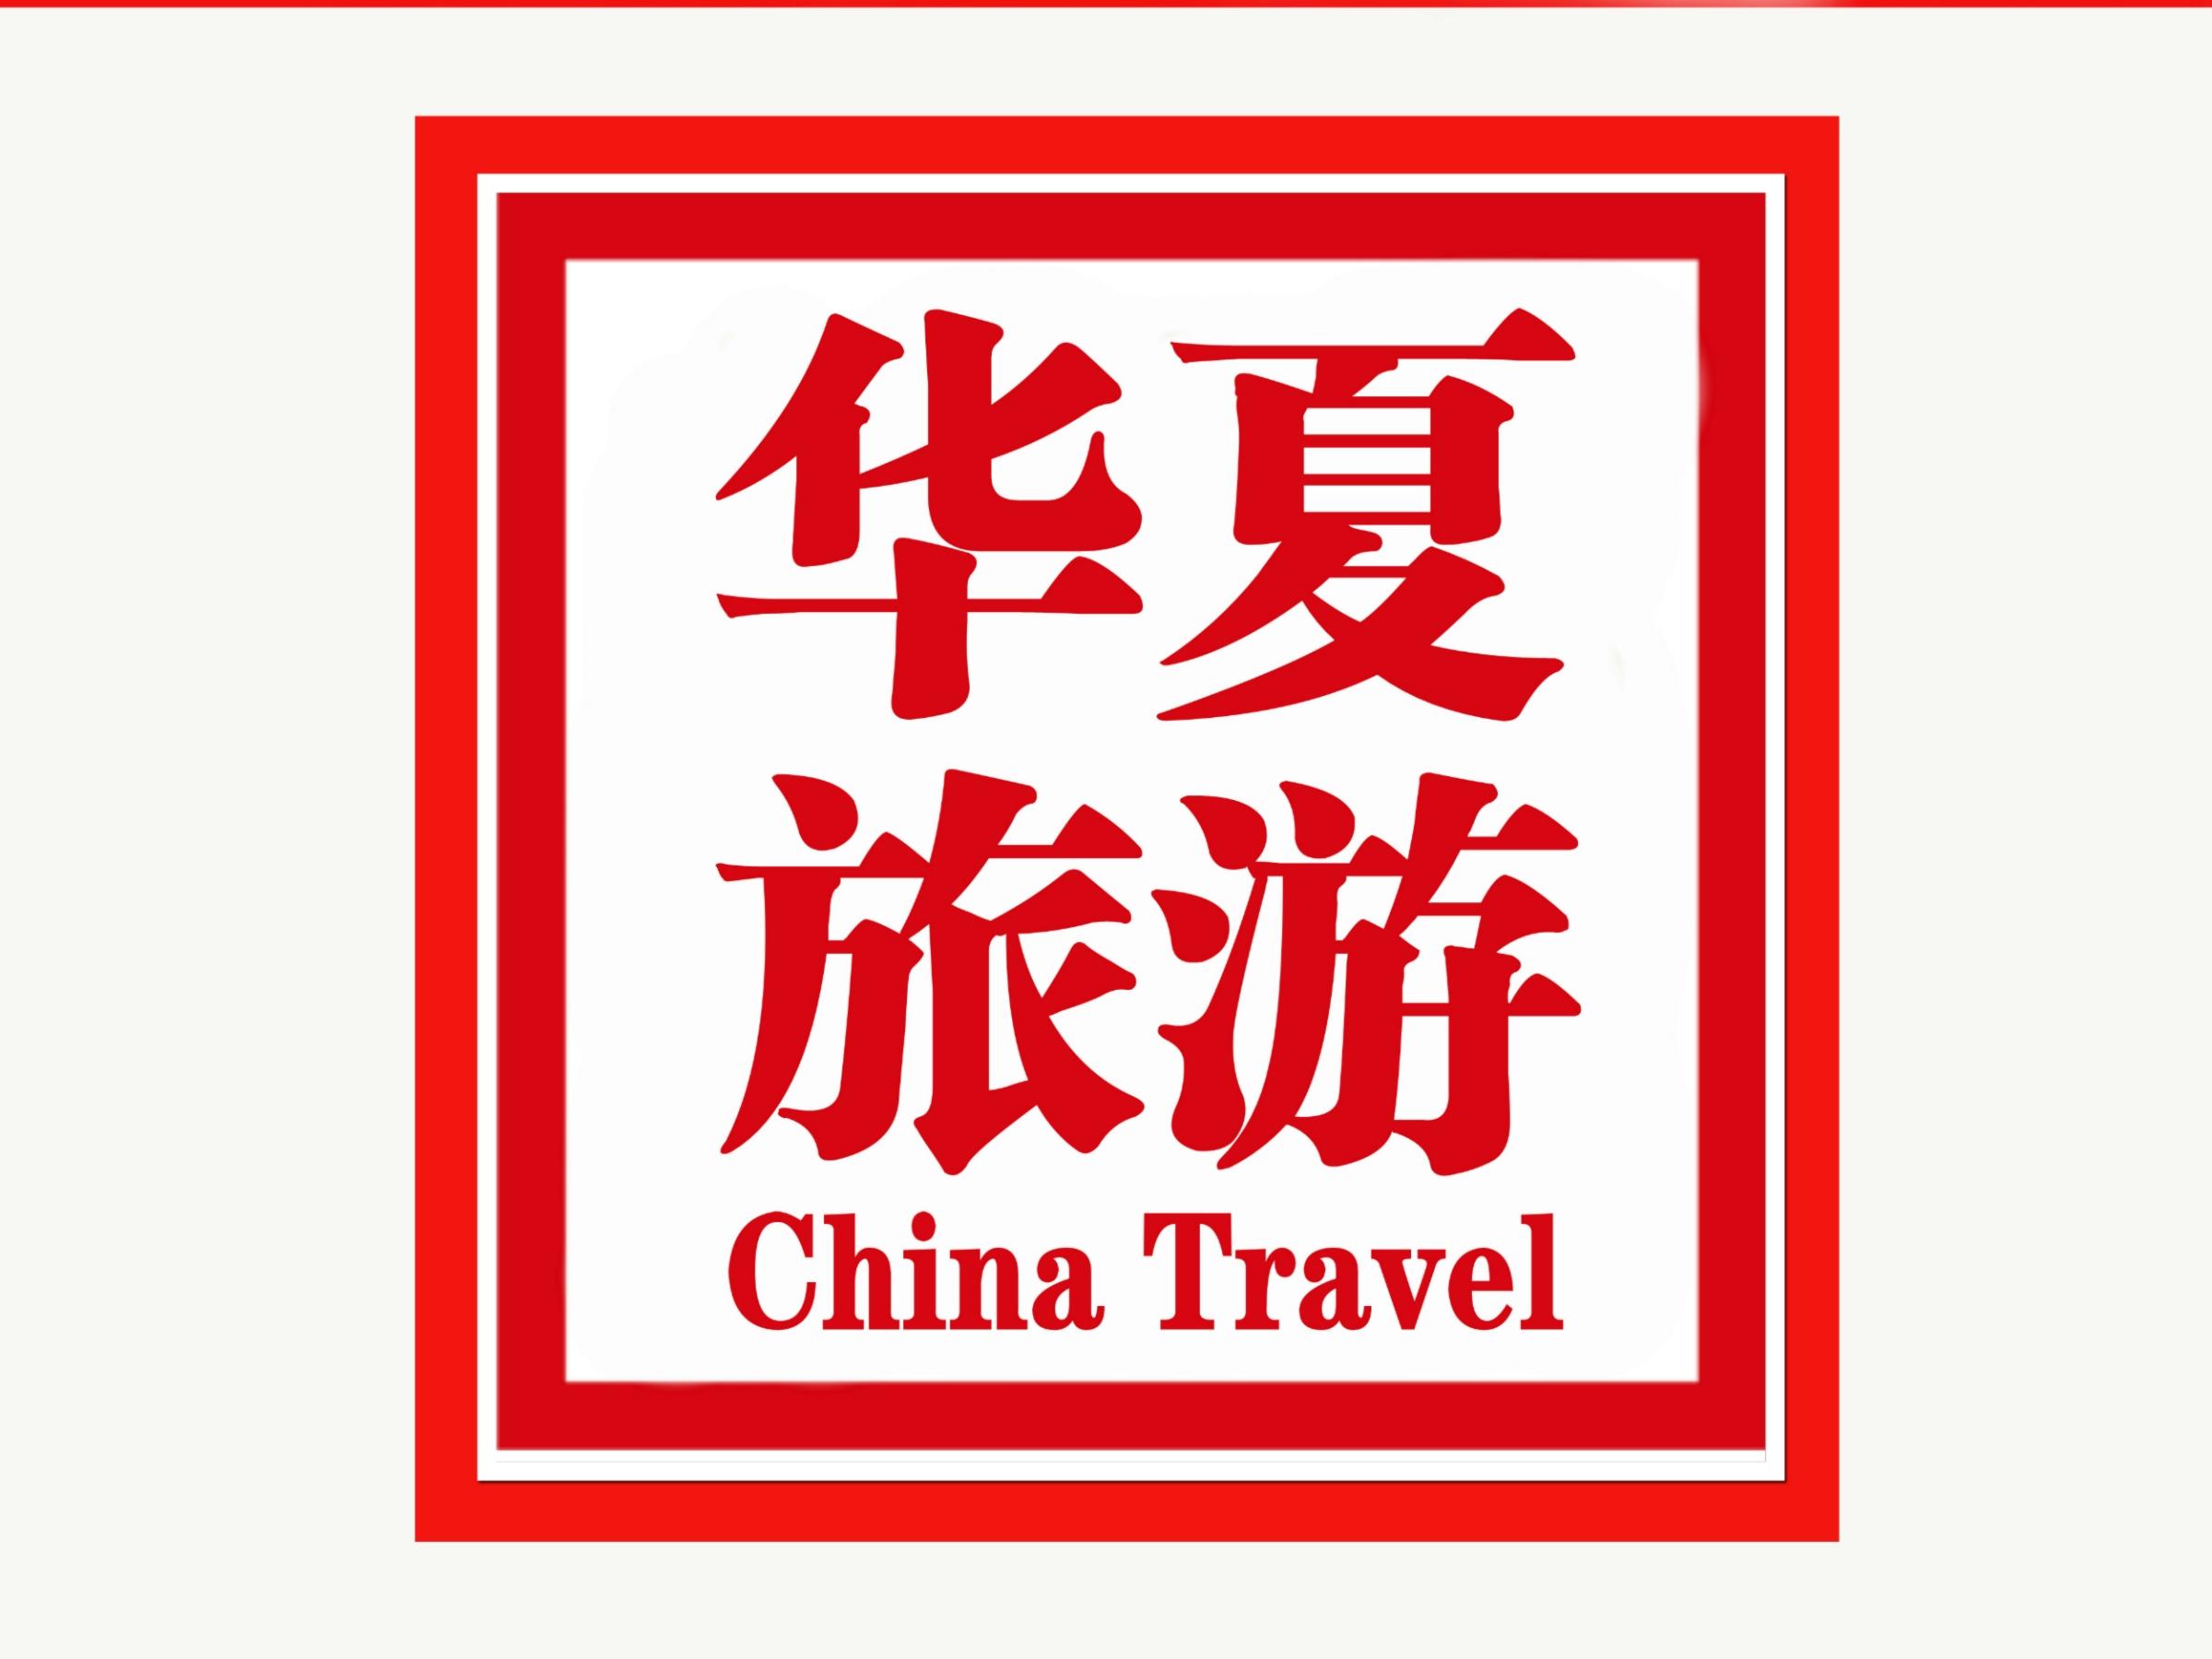 秦皇島華夏國際旅行社簡介